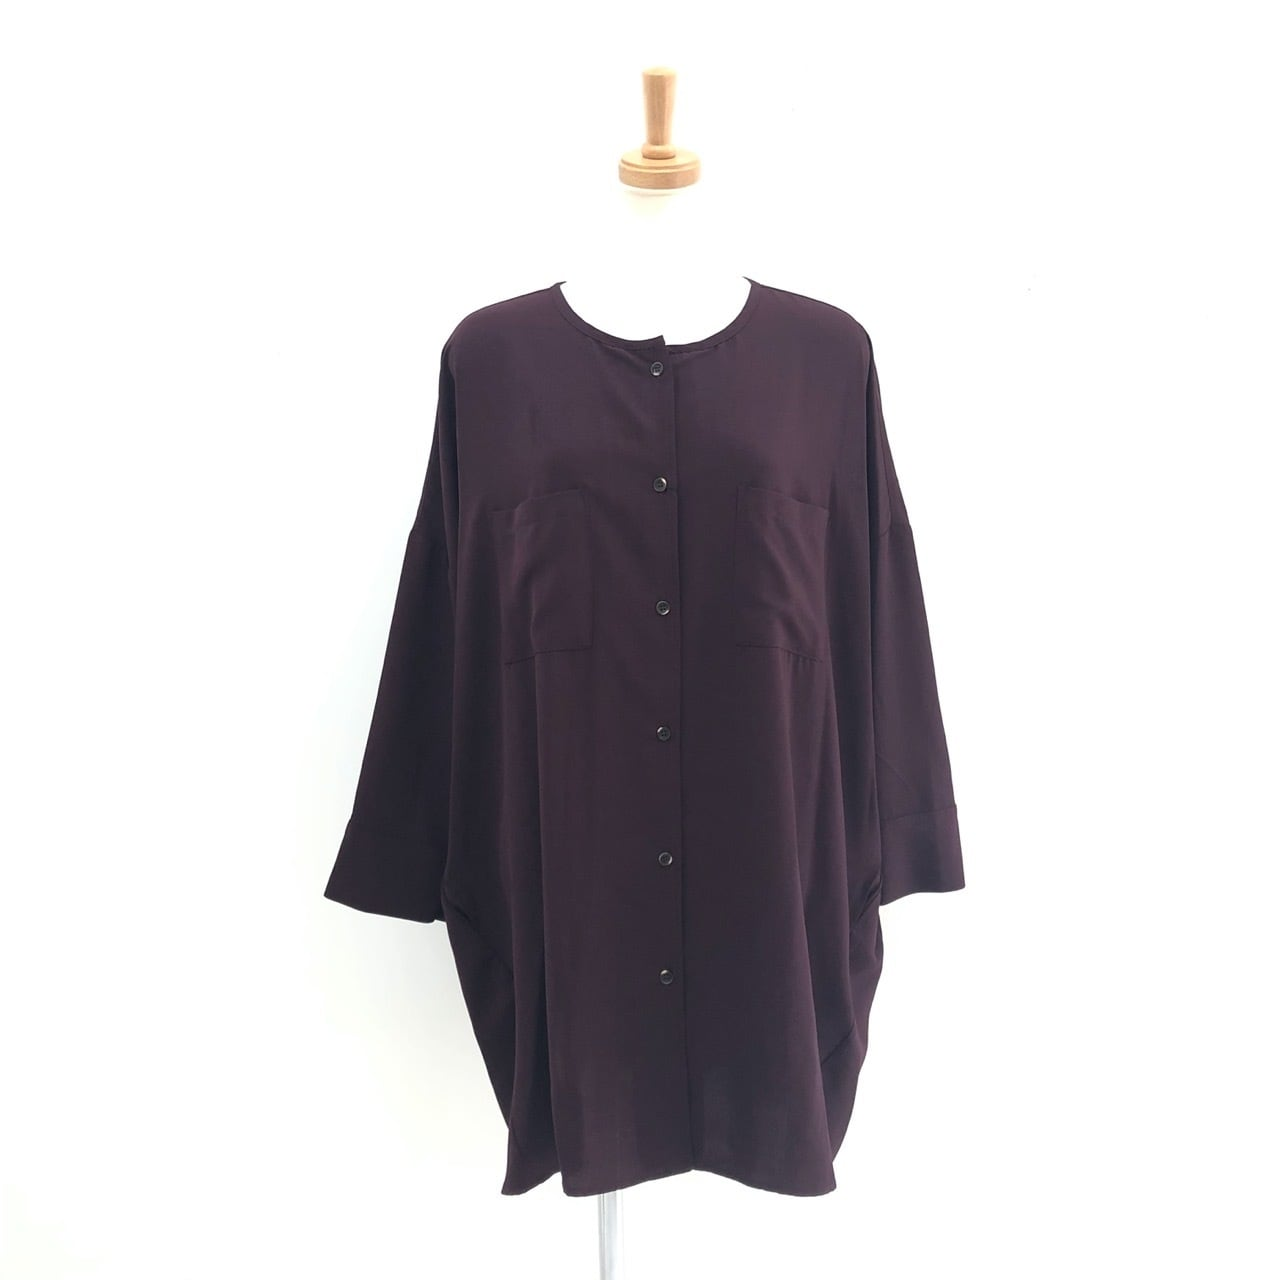 【 CHIGNONSTAR 】- 1602-032 - バッククロスチュニックシャツ